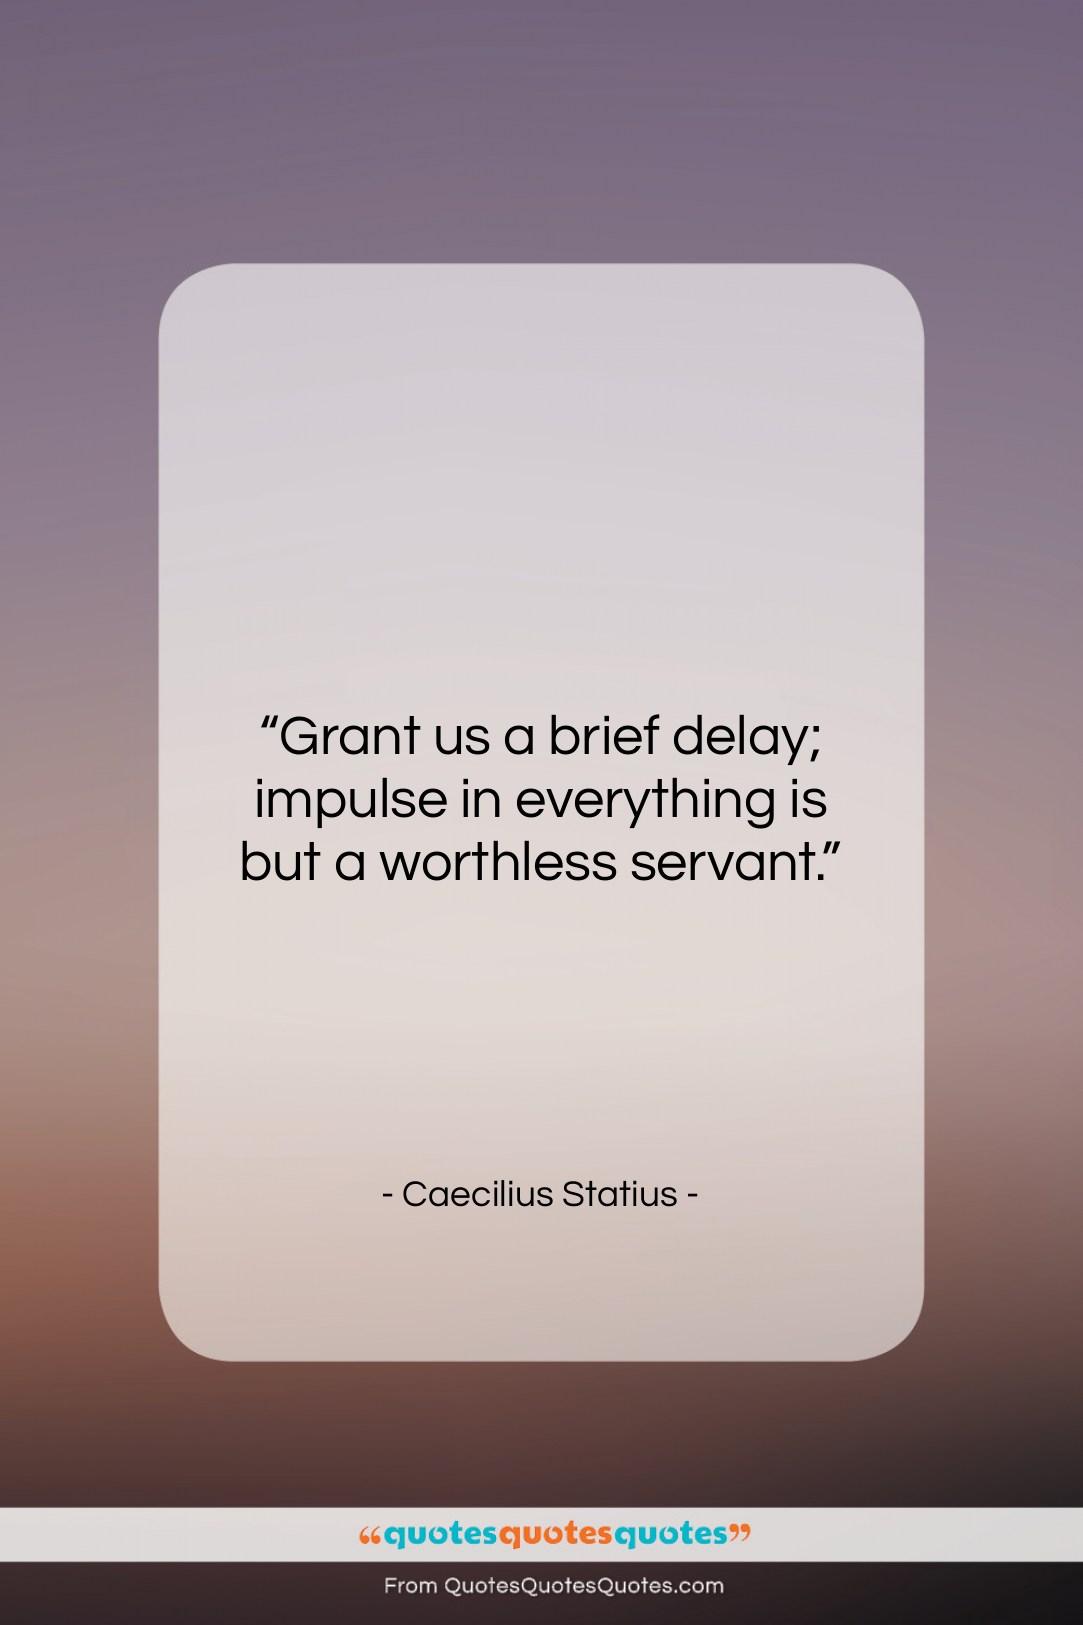 """Caecilius Statius quote: """"Grant us a brief delay; impulse in…""""- at QuotesQuotesQuotes.com"""